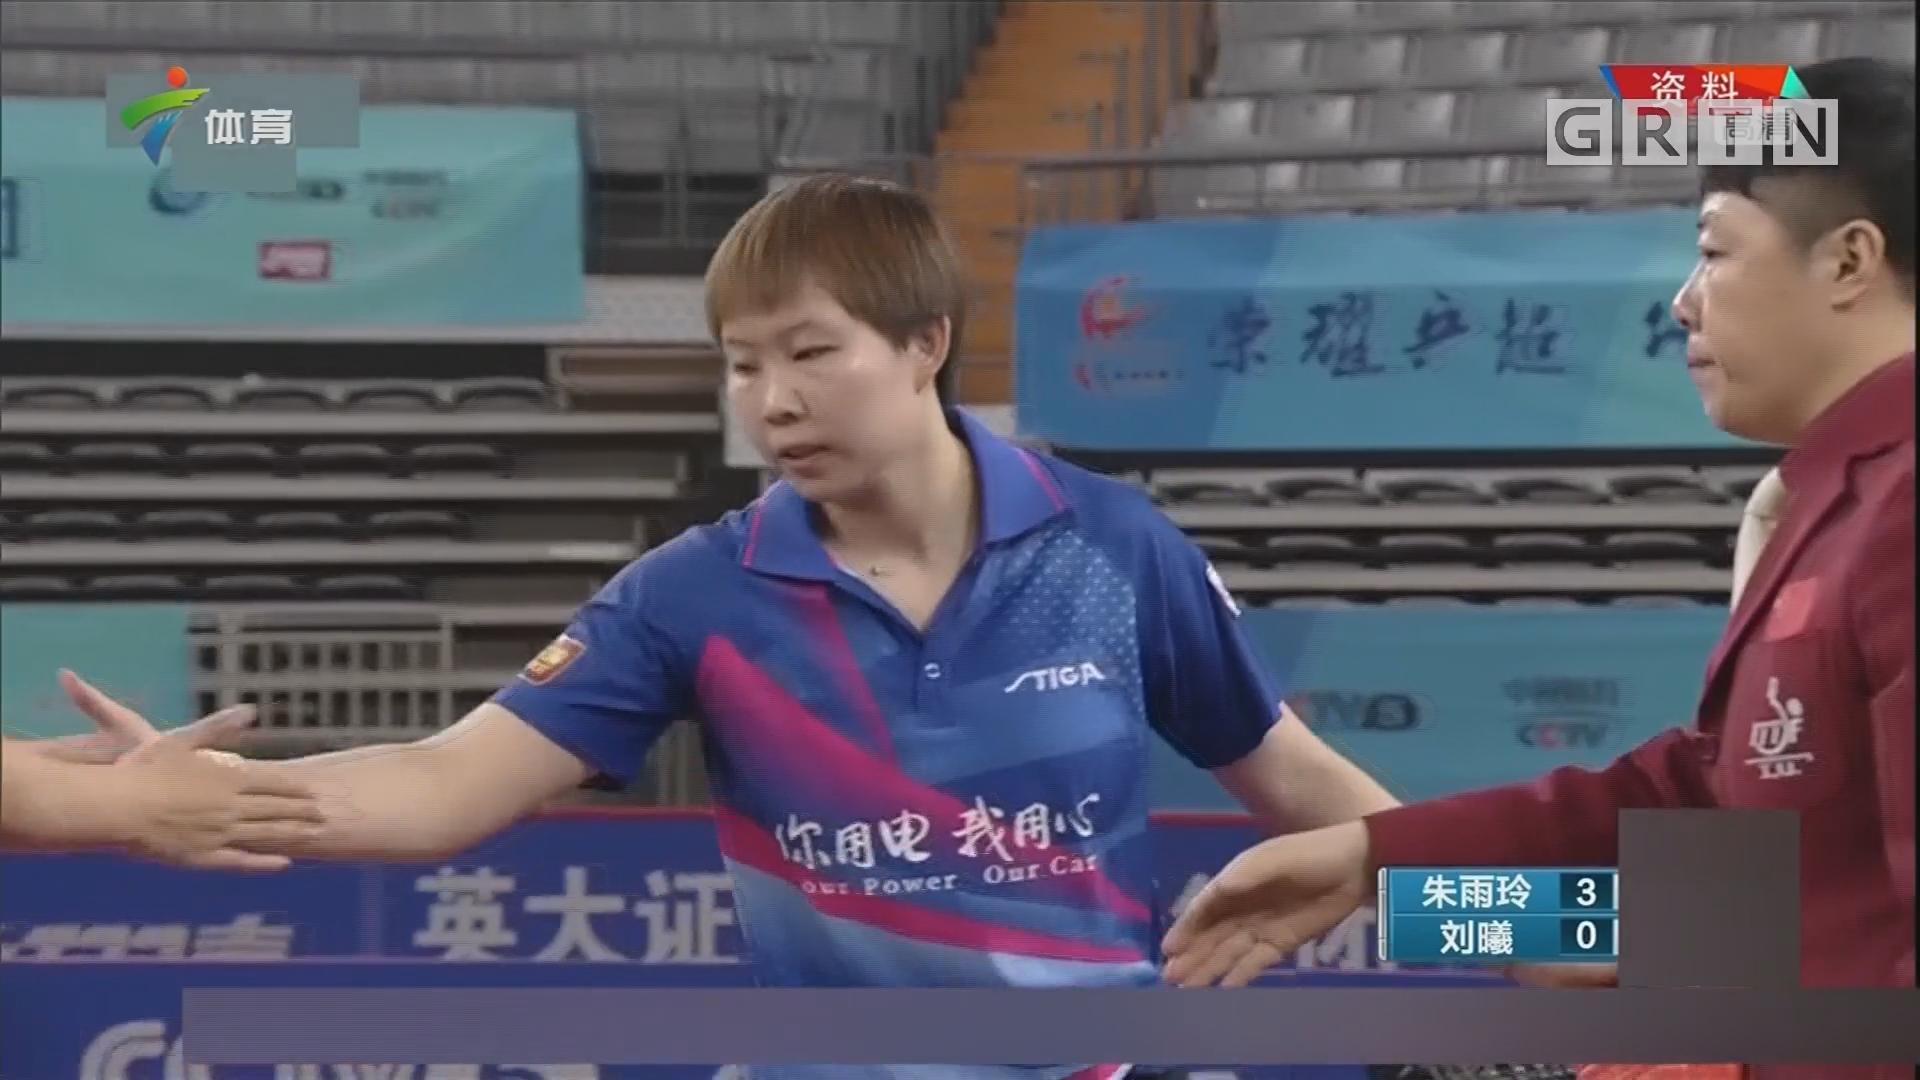 中国乒协公布2018年国际赛事选拔方法